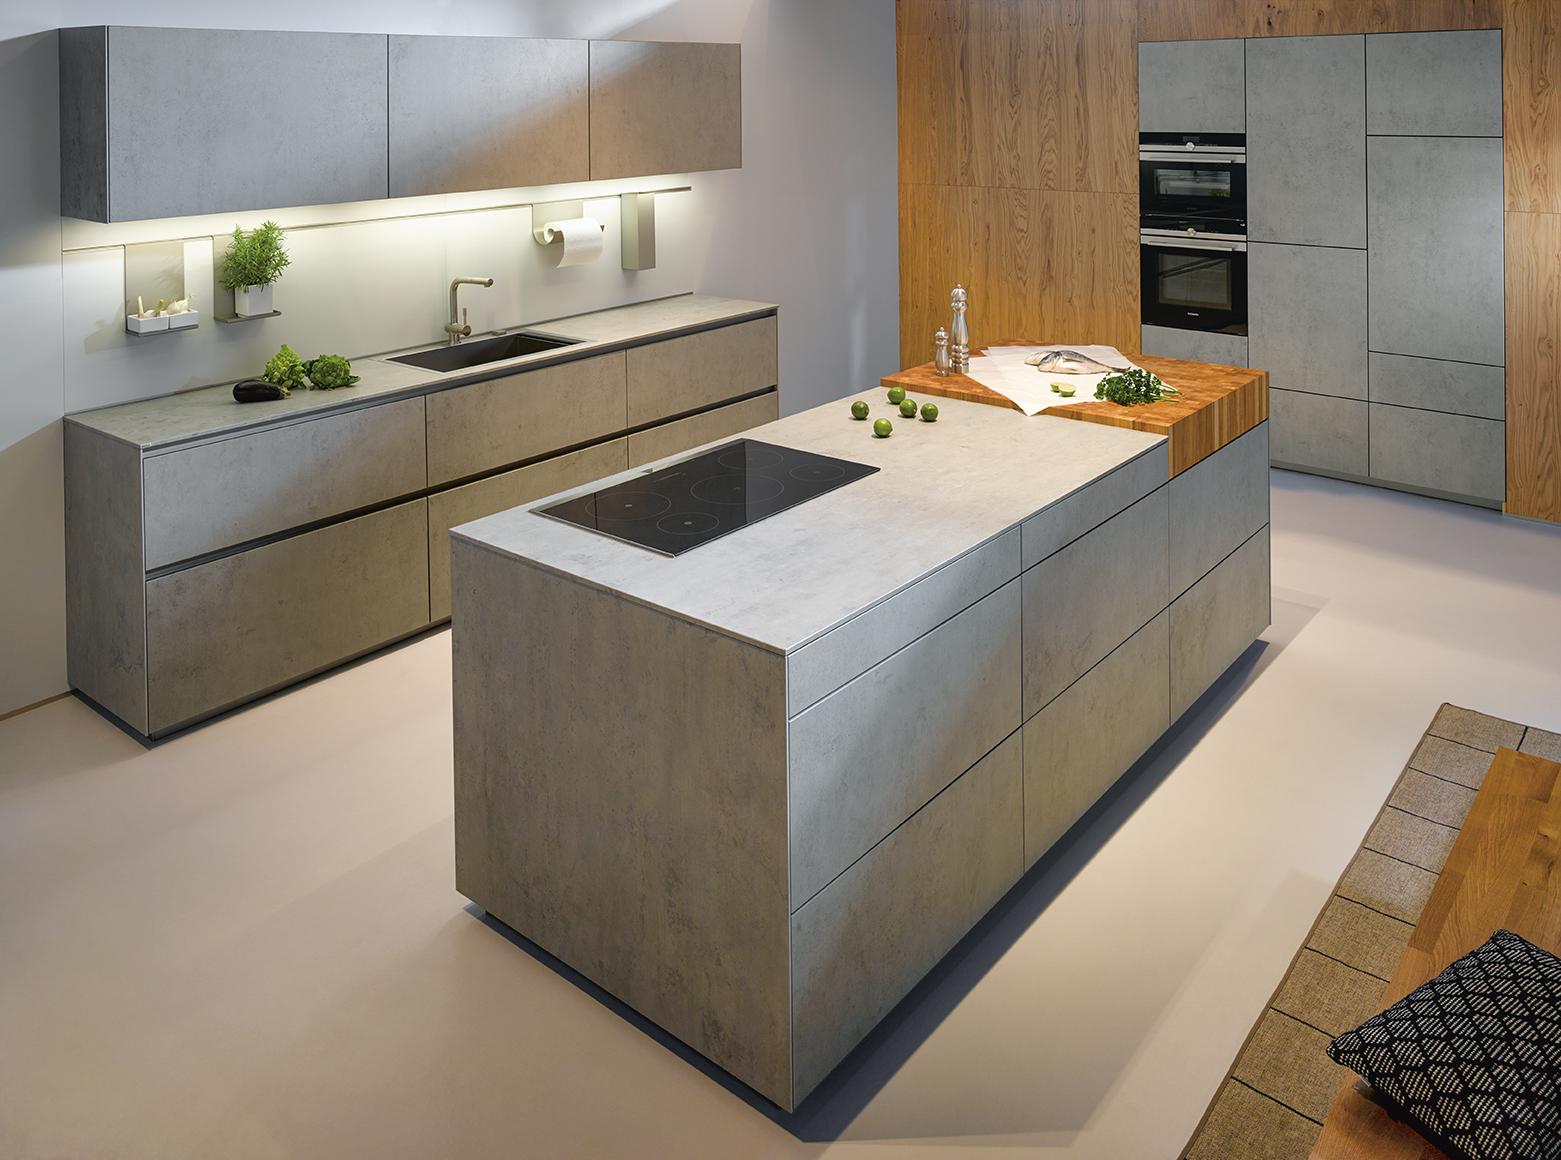 Cuisine personnalisée influence industrielle style gris béton avec bois îlot central moderne